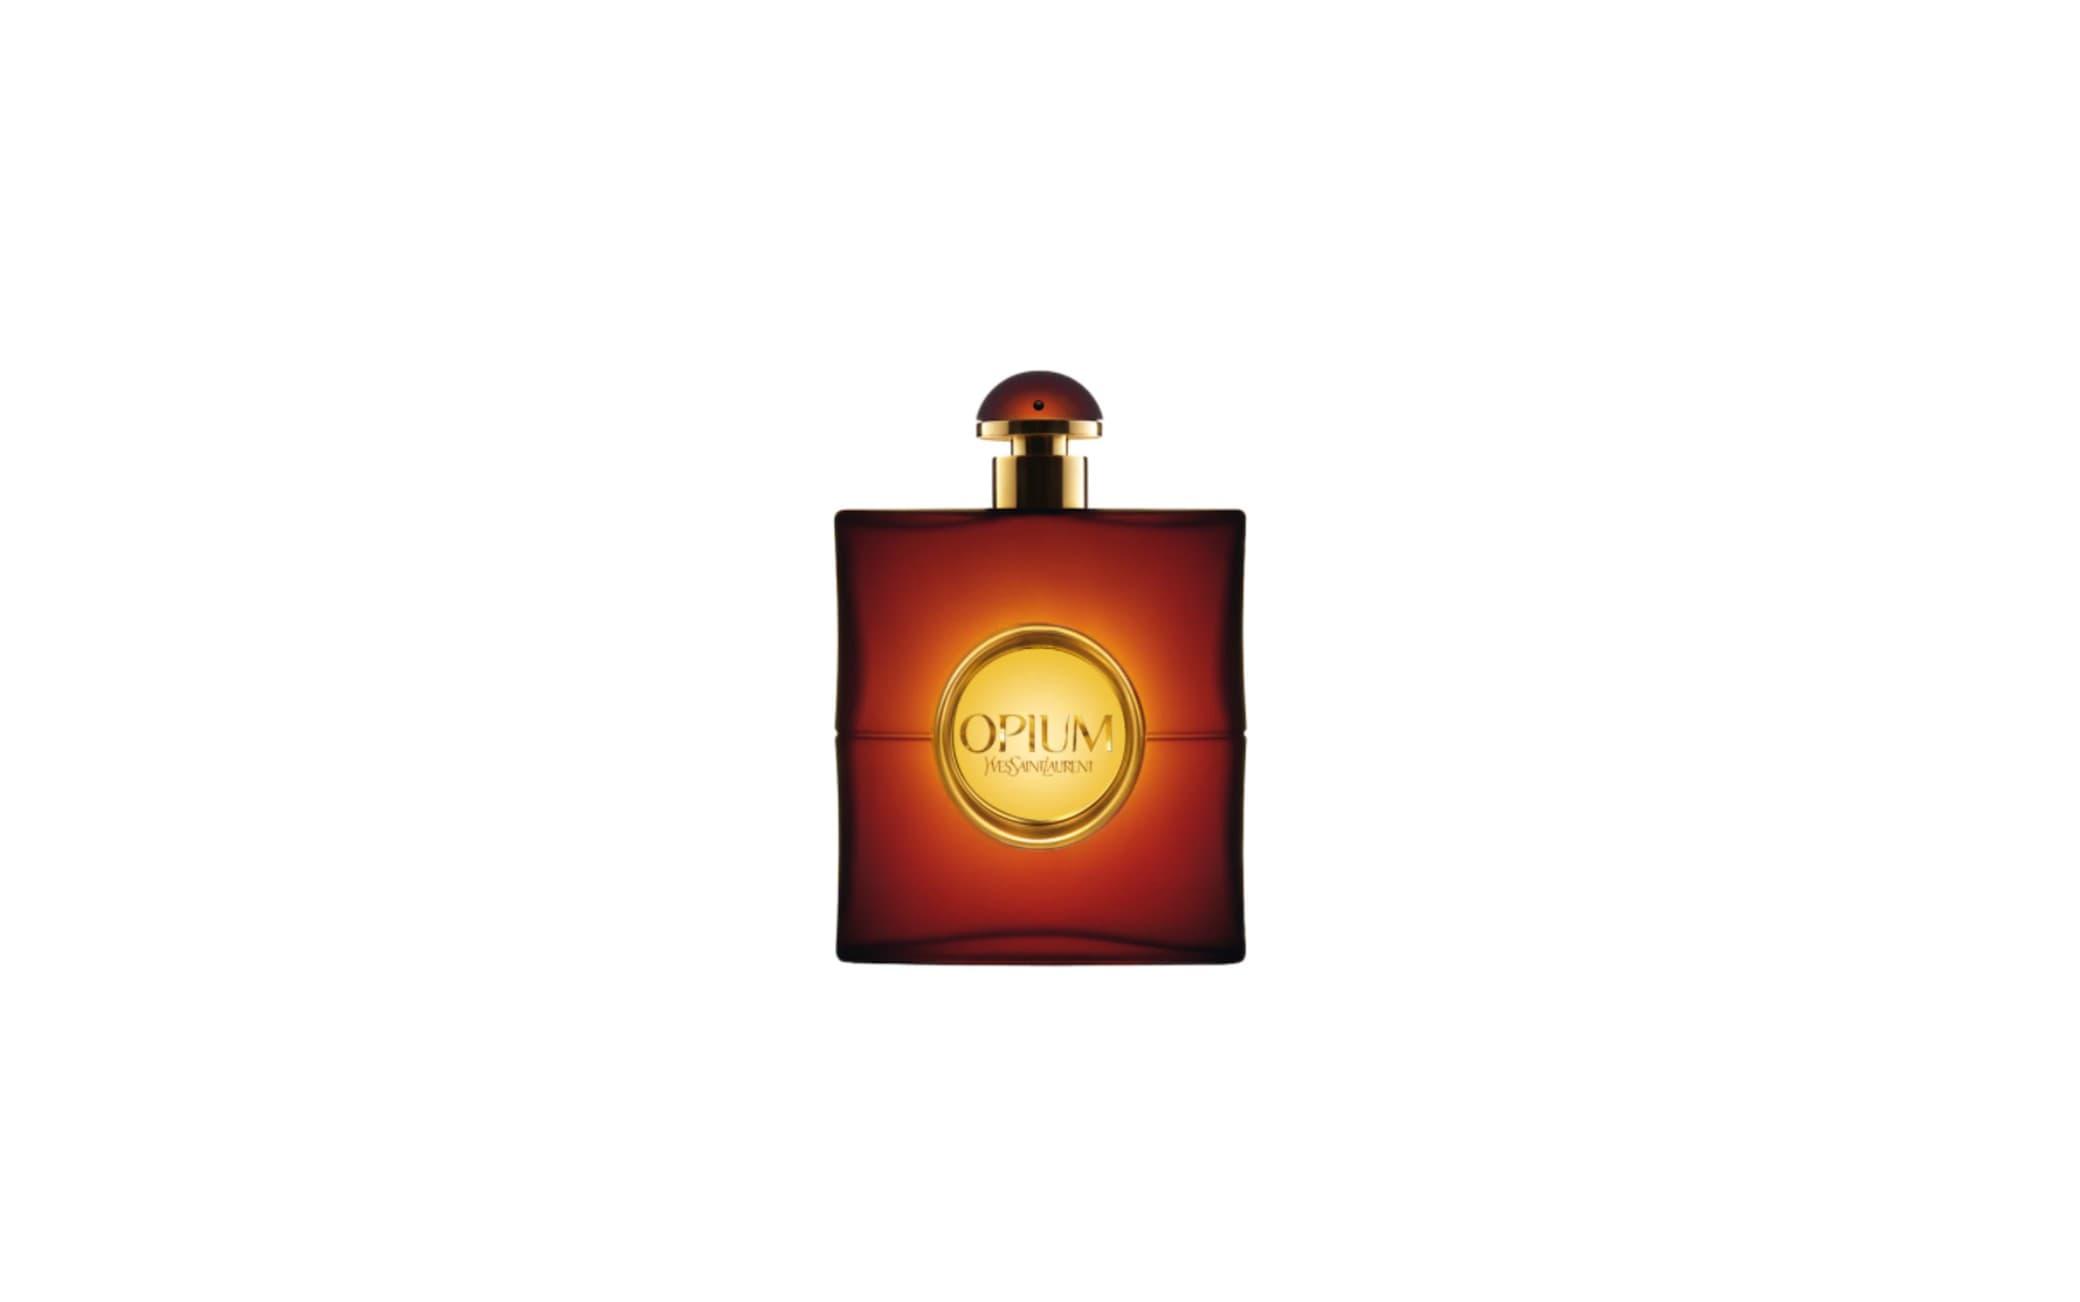 Opium Eau de Toilette Yves Saint Laurent